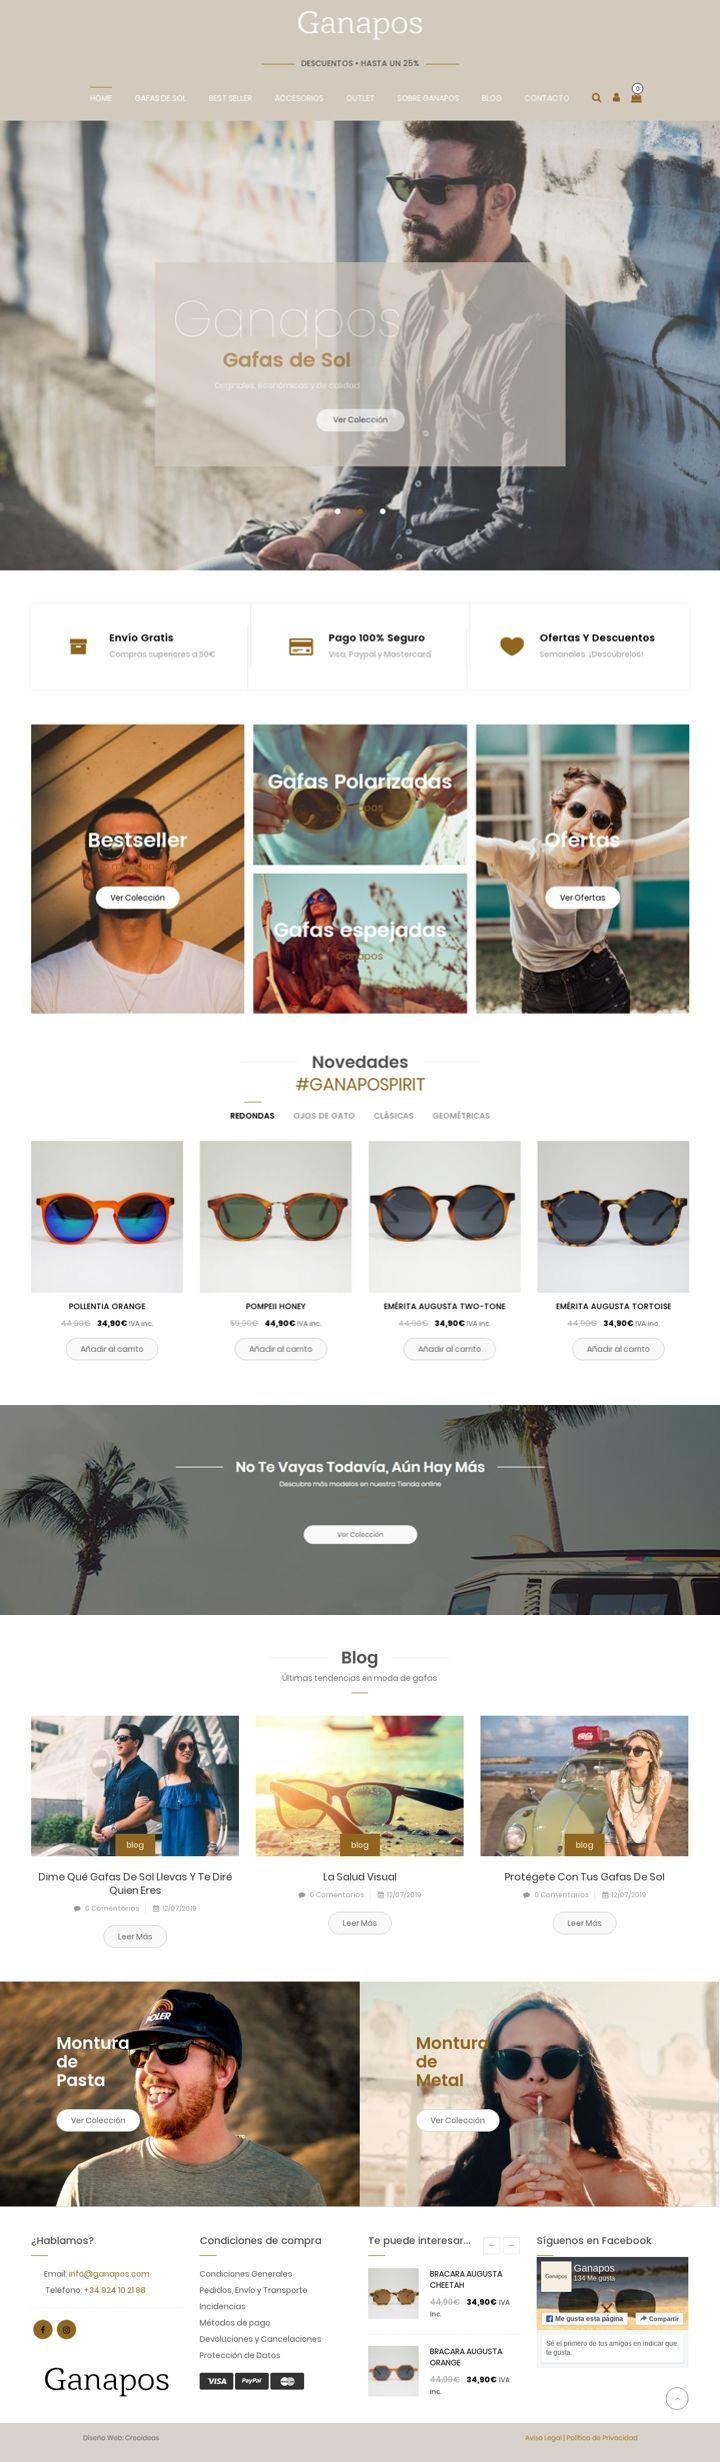 Ganapos. Tienda online de gafas de sol originales con cristales de calidad.